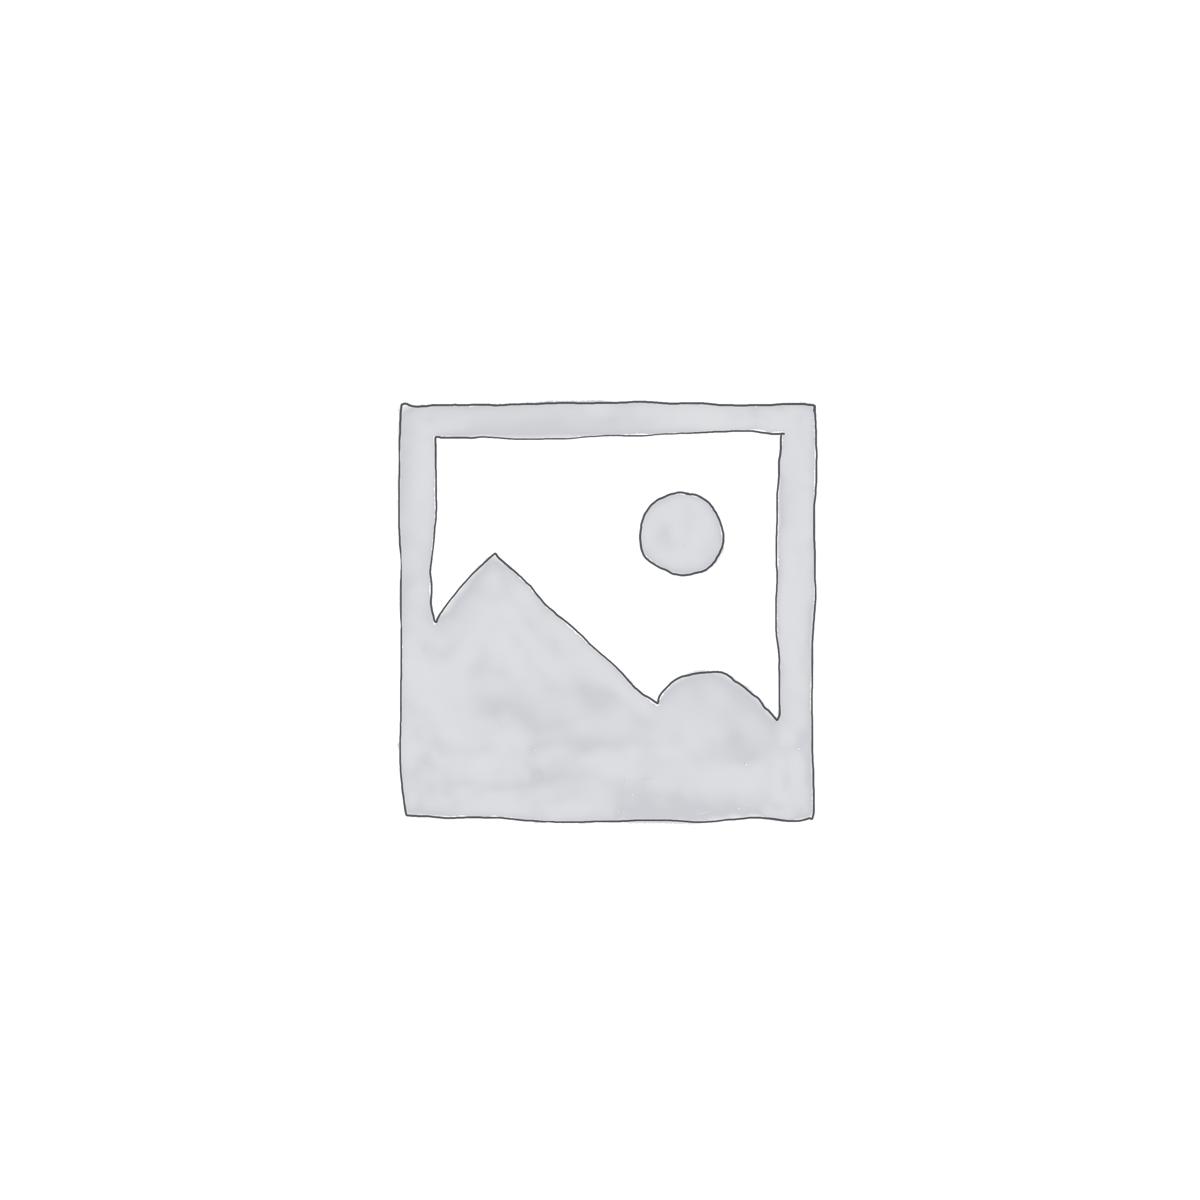 Red Rose Floral Wallpaper Mural